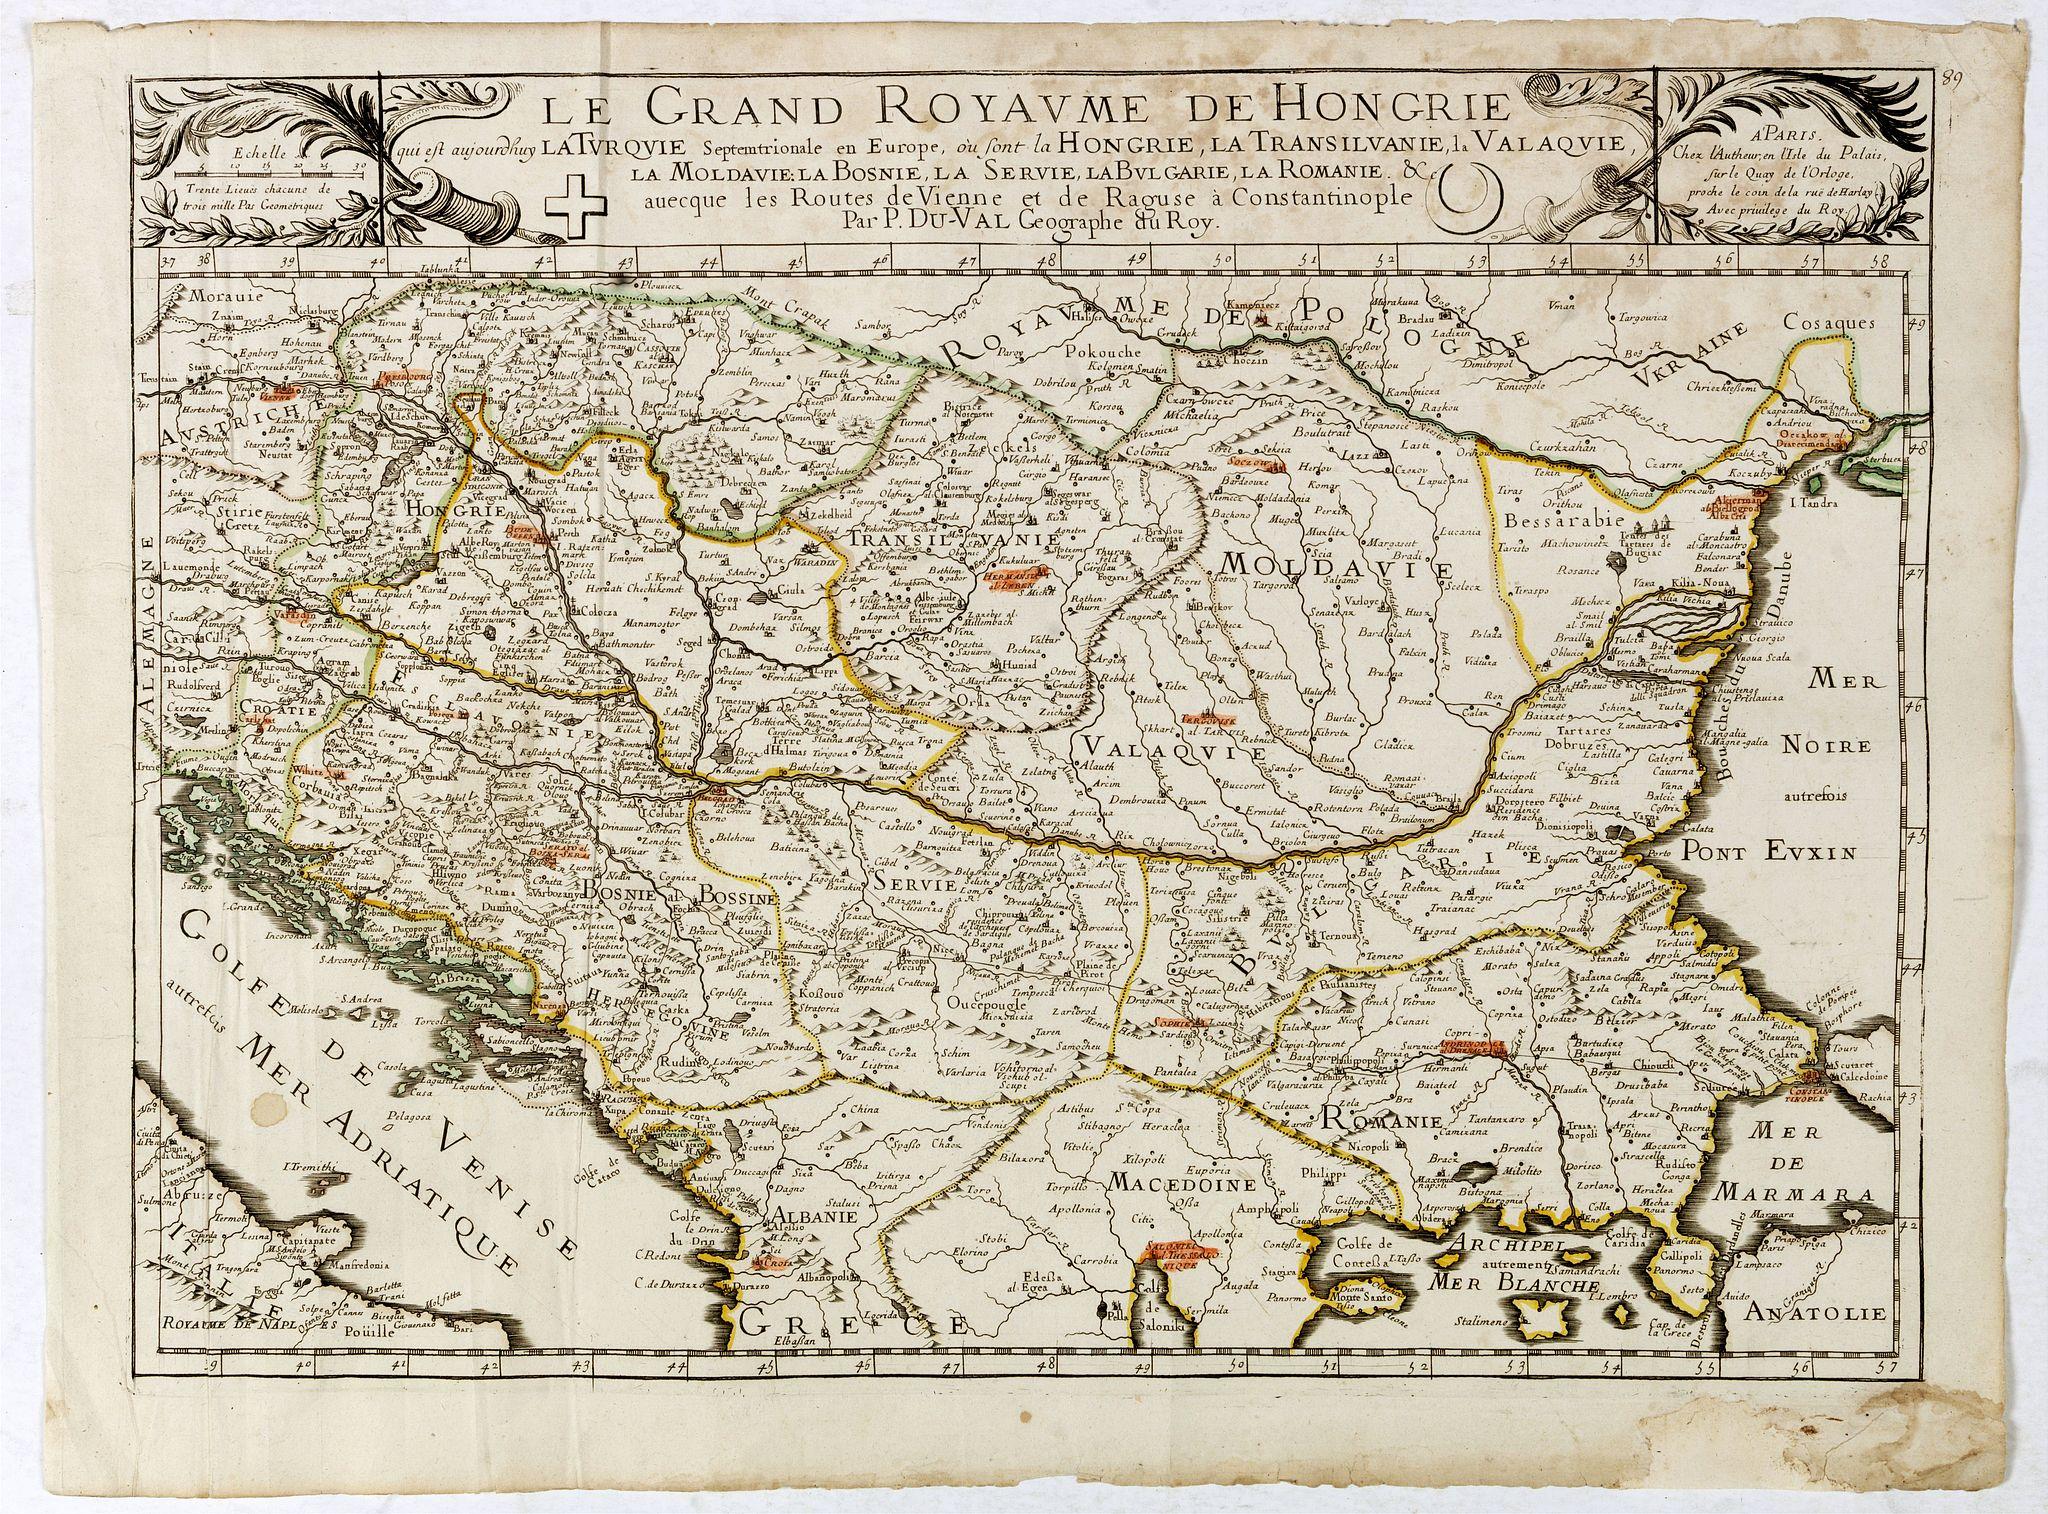 DU VAL, P. -  Le grand royaume de Hongrie, la Turquie [. . .] Hongrie, la Transilvanie, la Valaqvie, la Moldavie, la Bosnie . . .